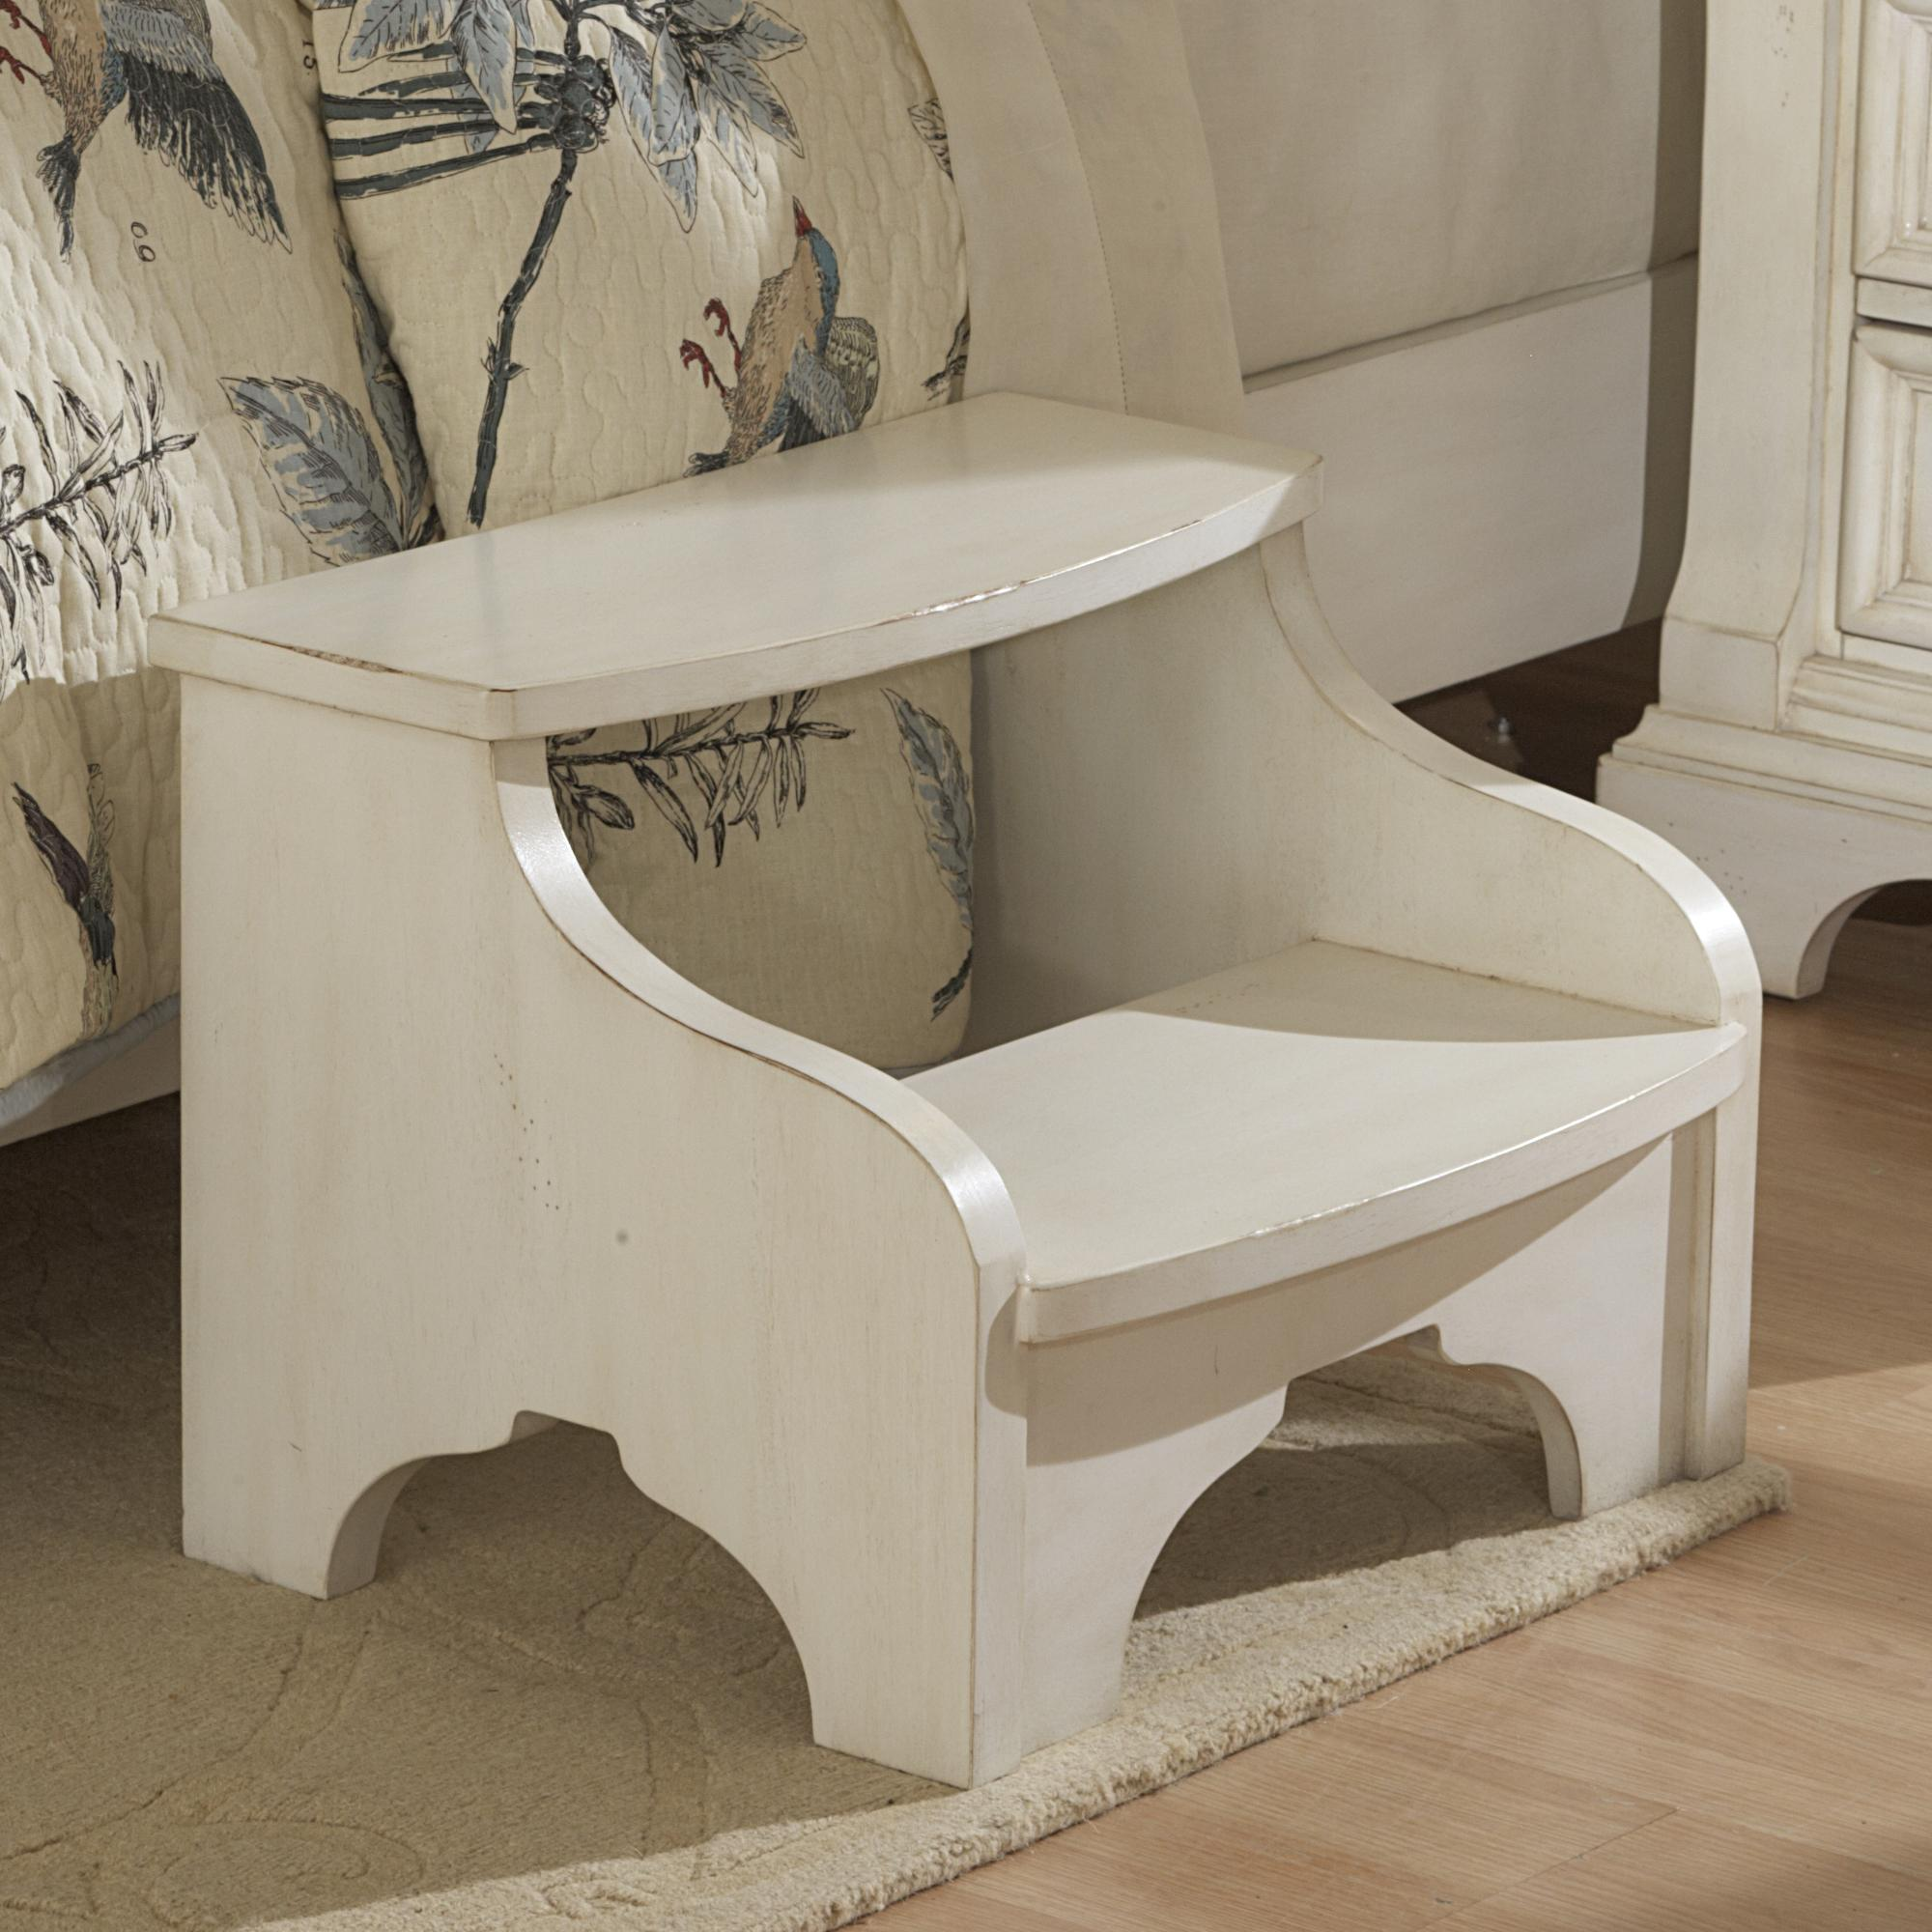 American Woodcrafters Heirloom Footstool - Item Number: 2910-775